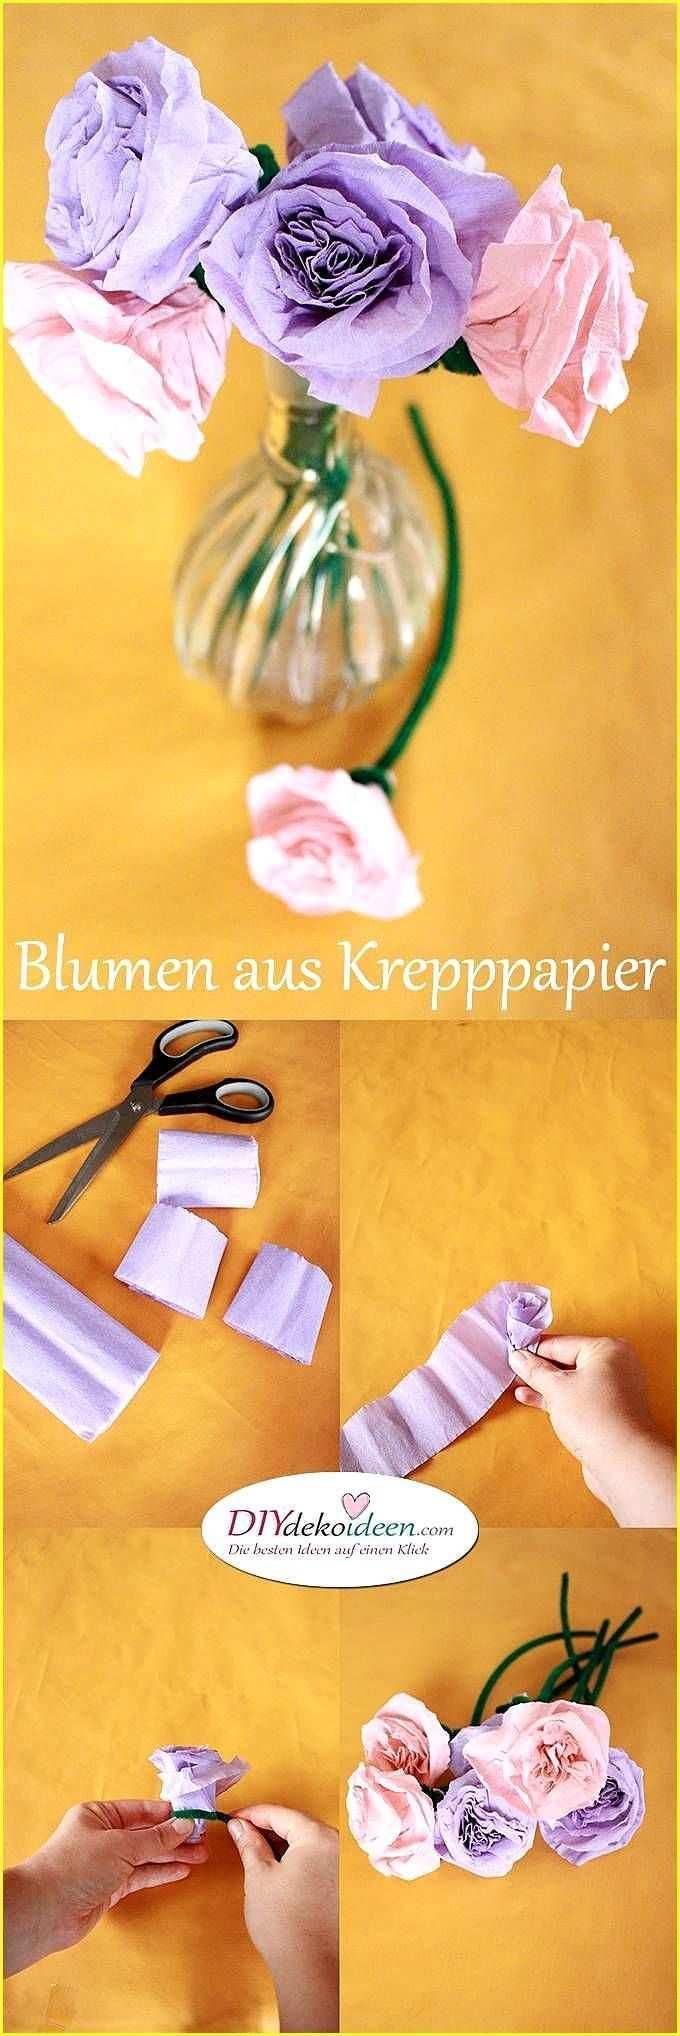 Mit Krepppapier Spielerisch Rosen Basteln Bastelideen Fur Kinder Spielerisch In 2020 Rosen Basteln Blumen Basteln Mit Kindern Papierrosen Basteln